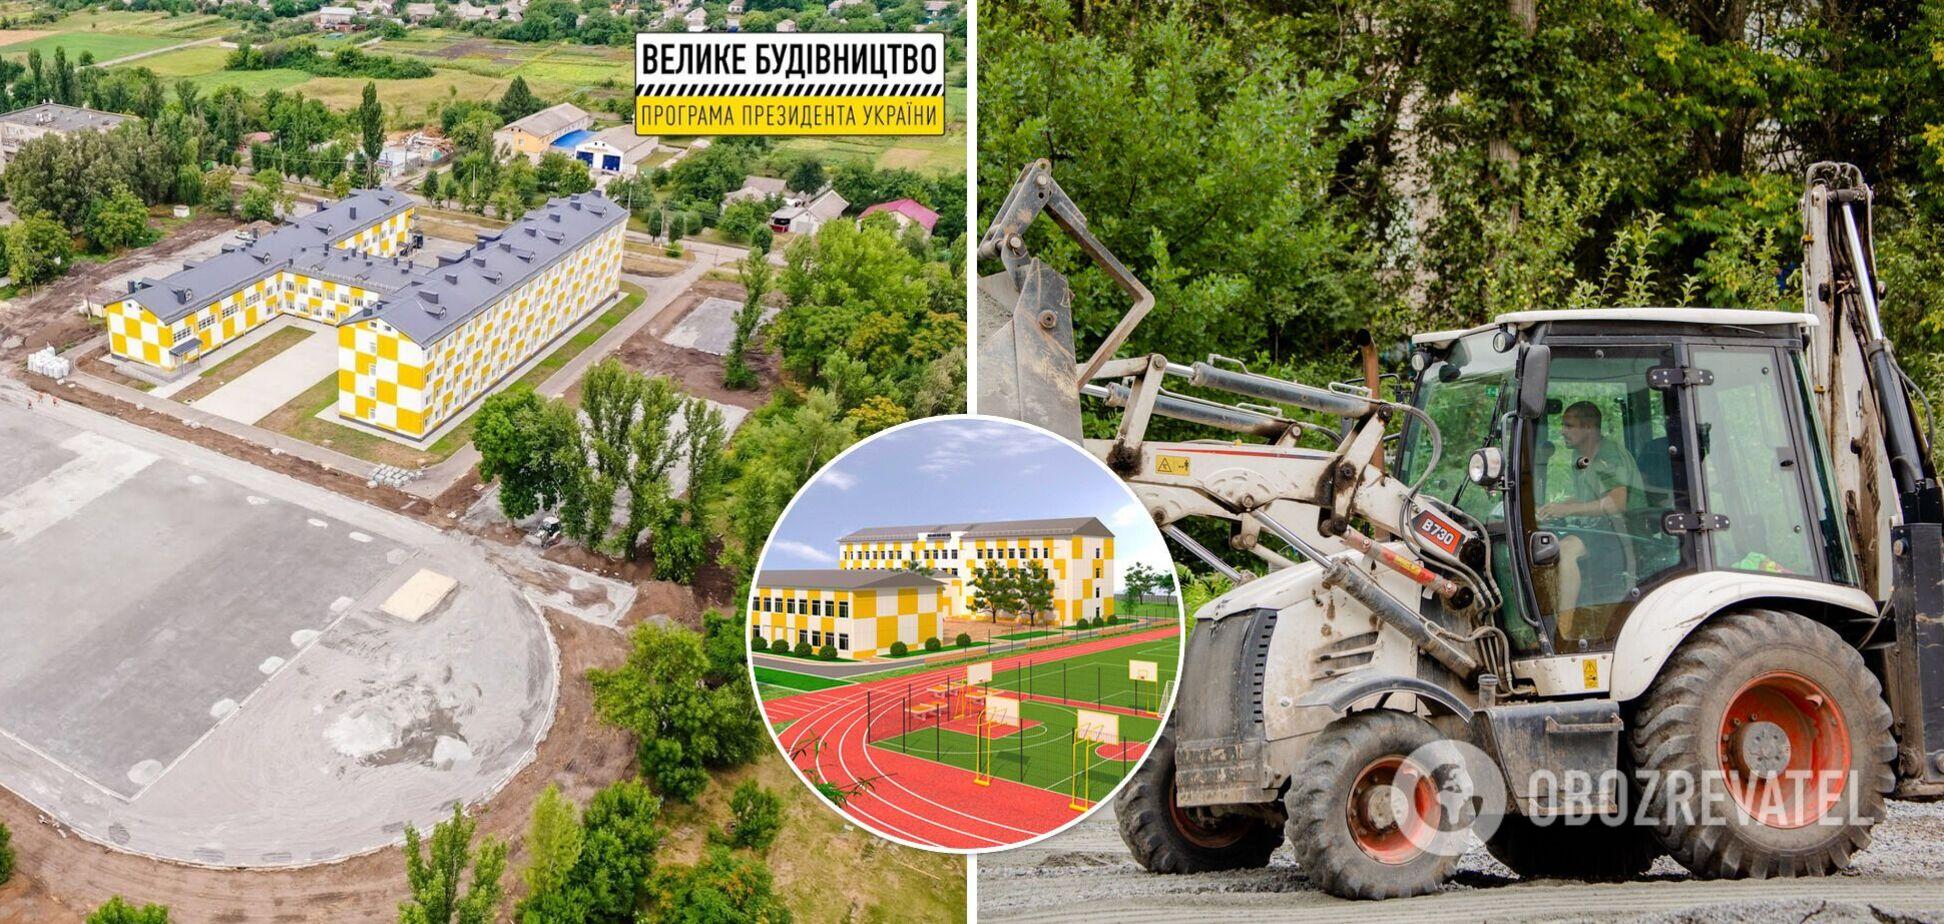 'Большая стройка' модернизирует стадион Перещепинской опорной школы на Днепропетровщине